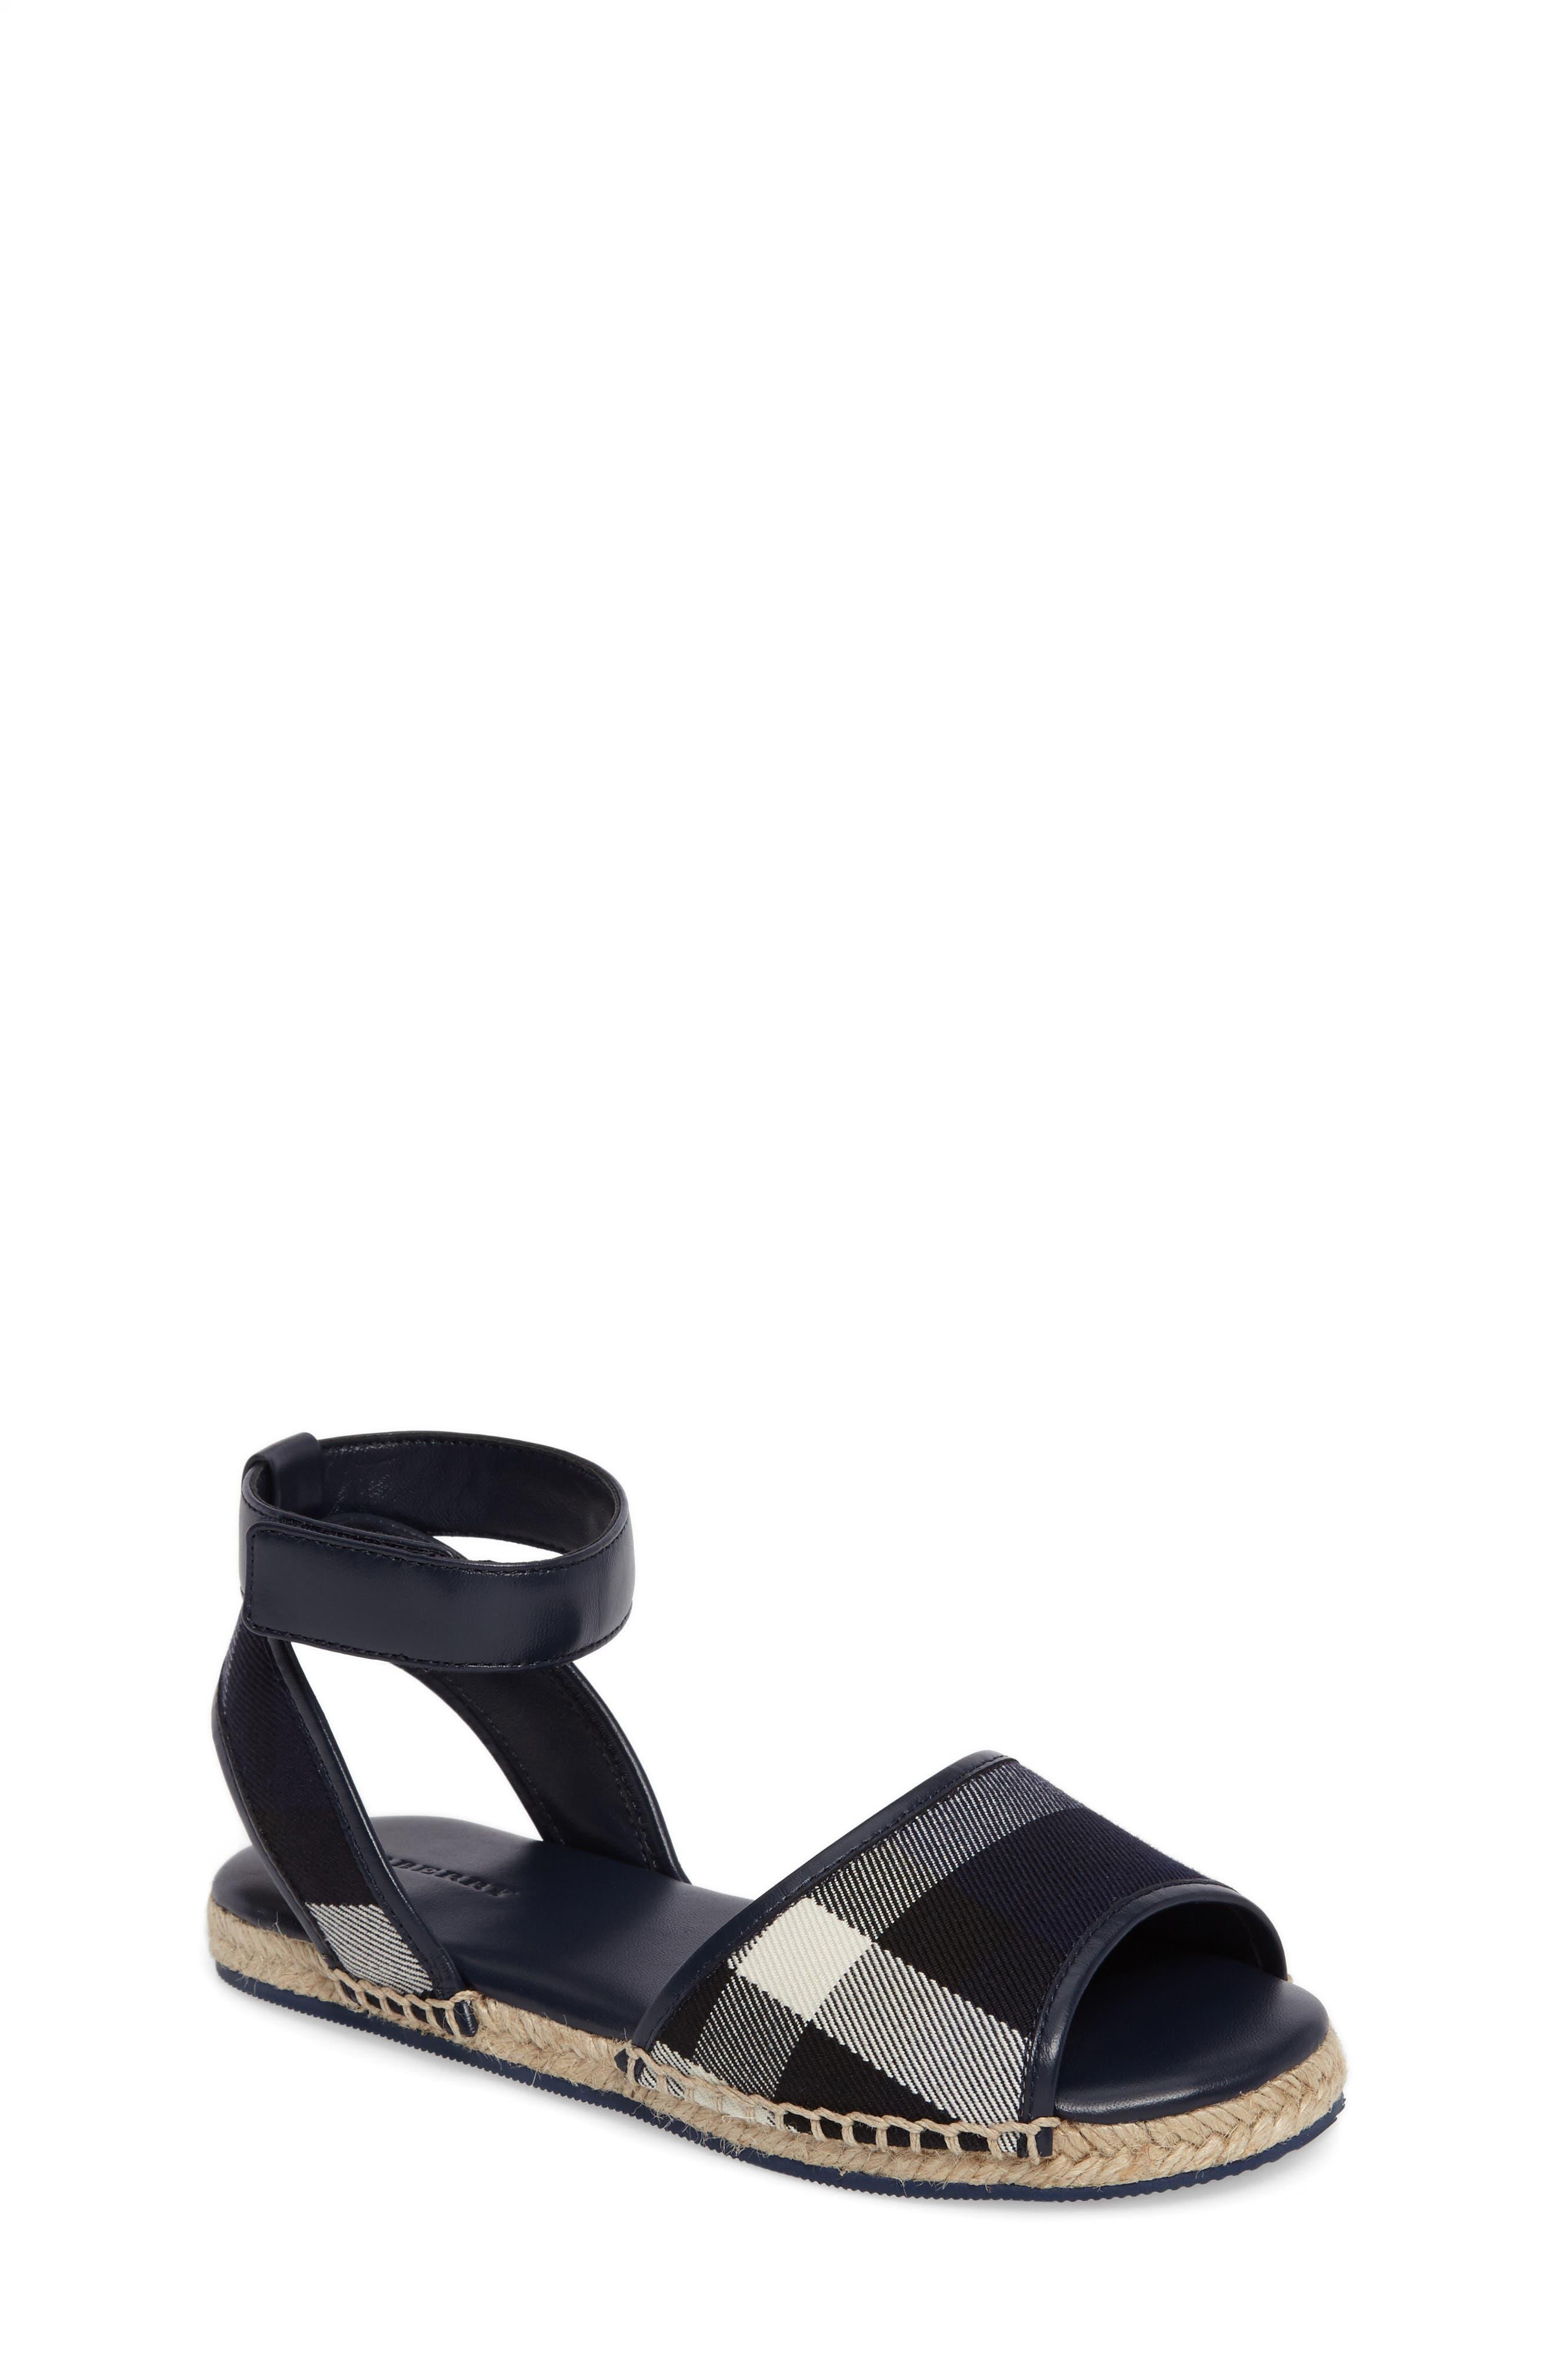 Burberry Livvy Ankle Strap Sandal (Walker, Toddler & Little Kid)